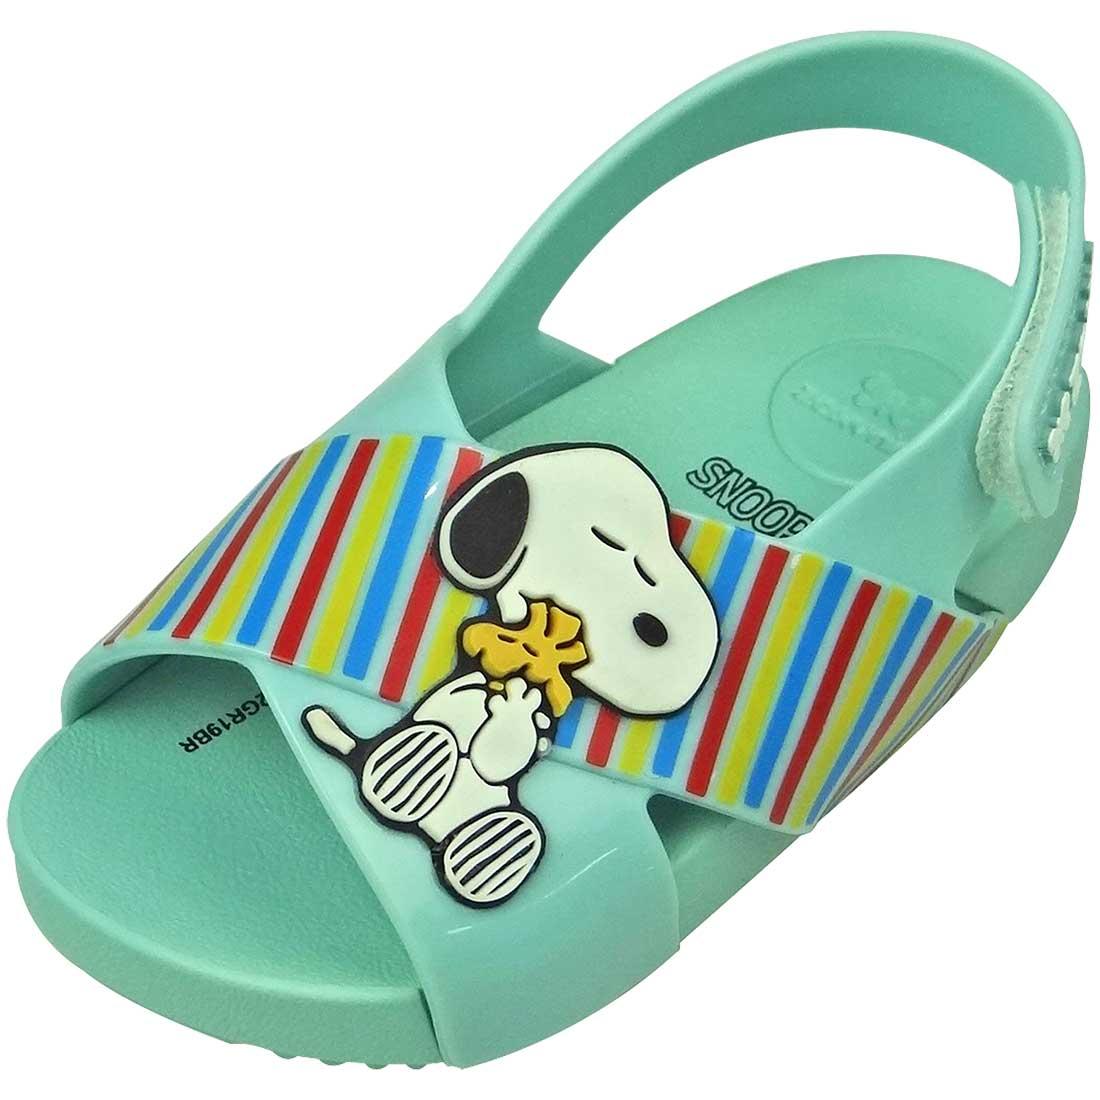 Zaxy Snoopy Baby - Verde Água